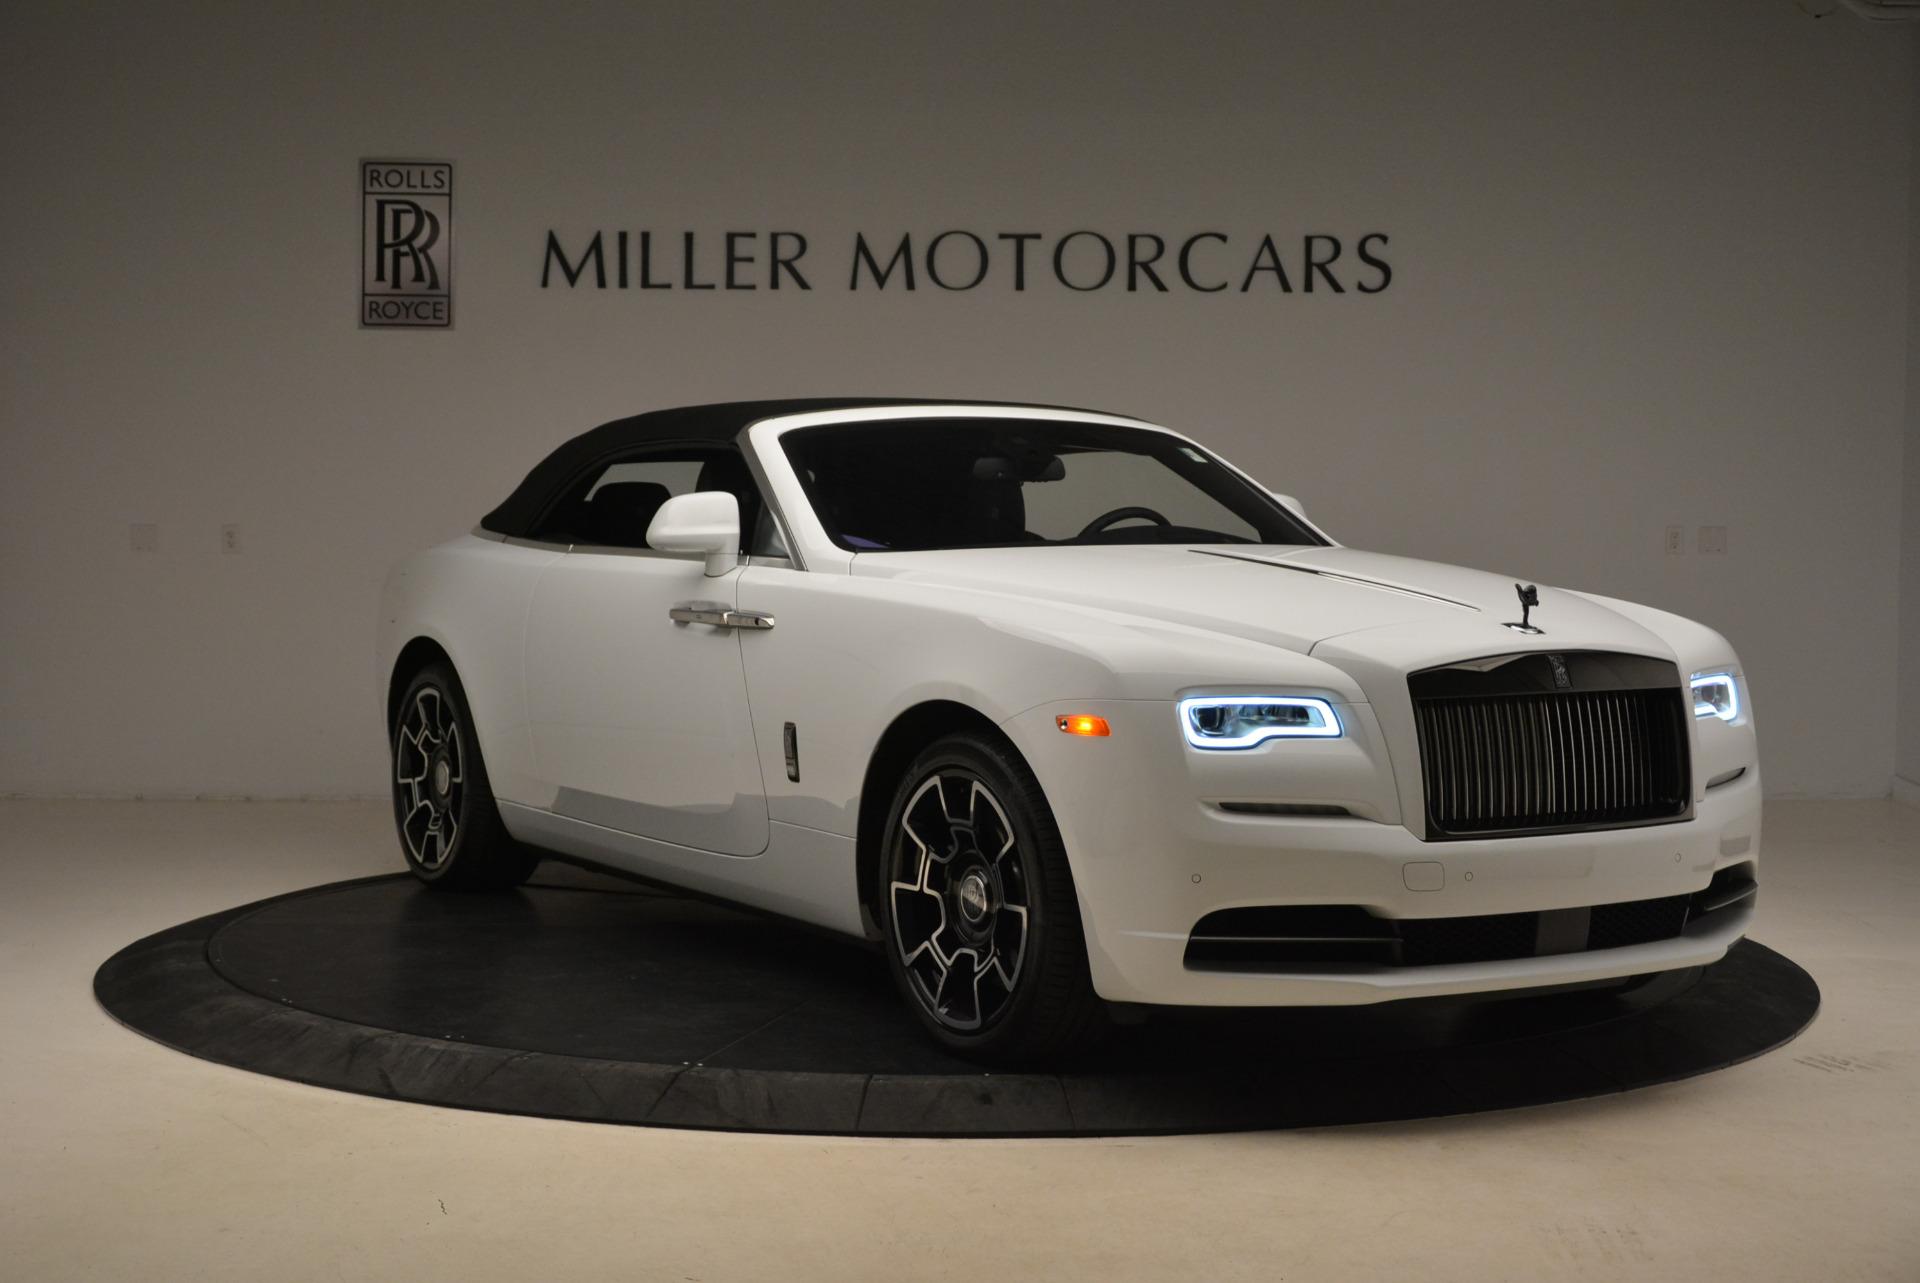 New 2018 Rolls Royce Dawn Black Badge